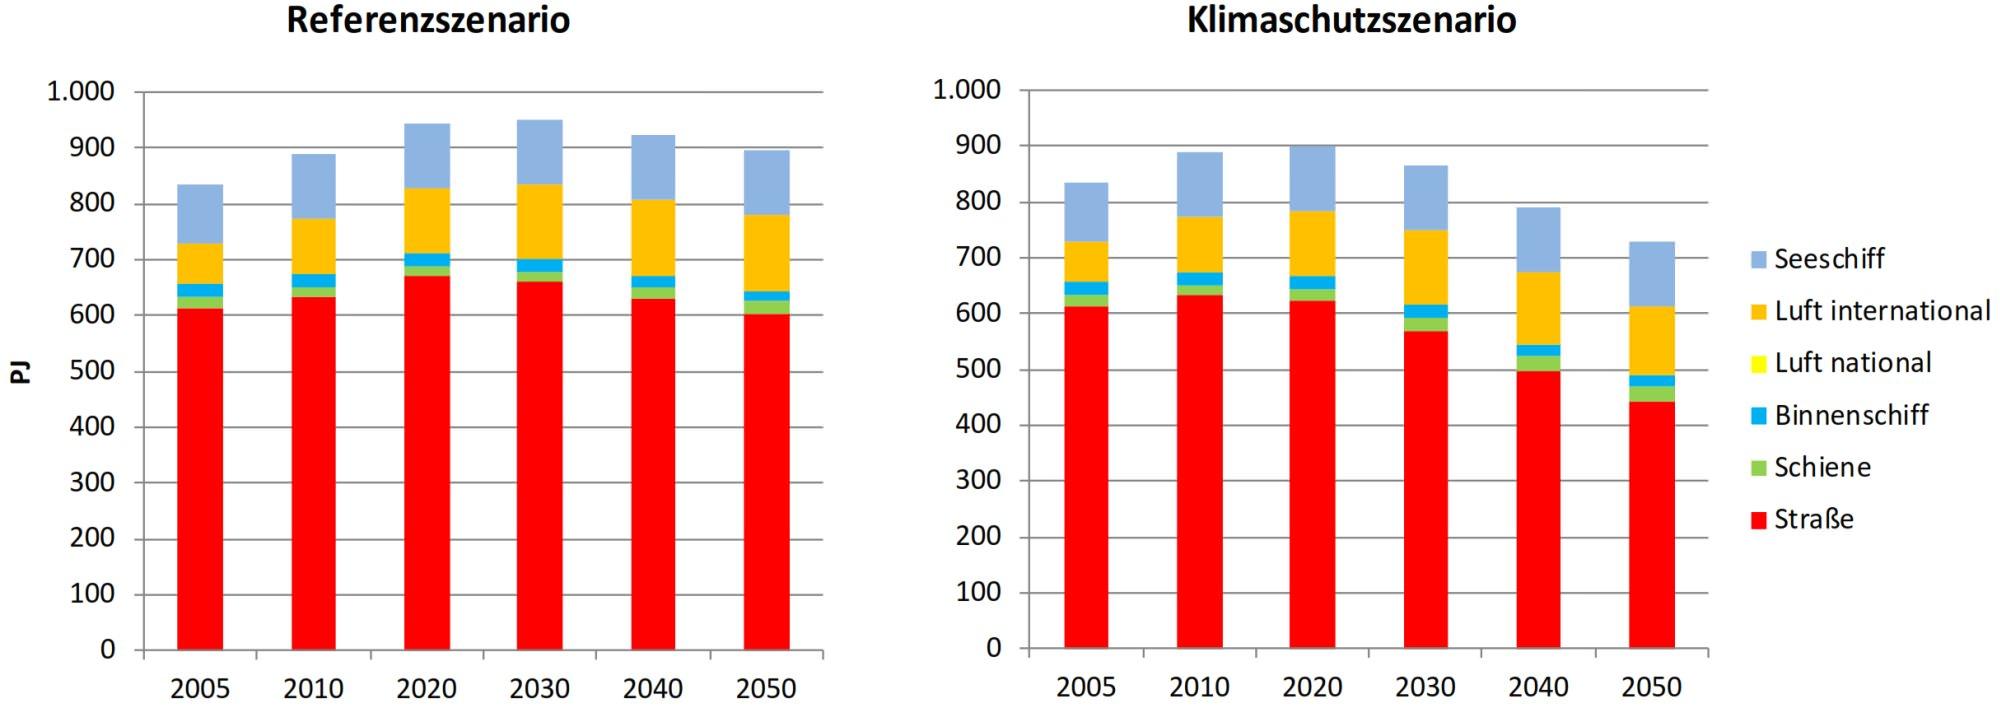 Güterverkehr Klimaschutz Endenergieverbrauch 2050